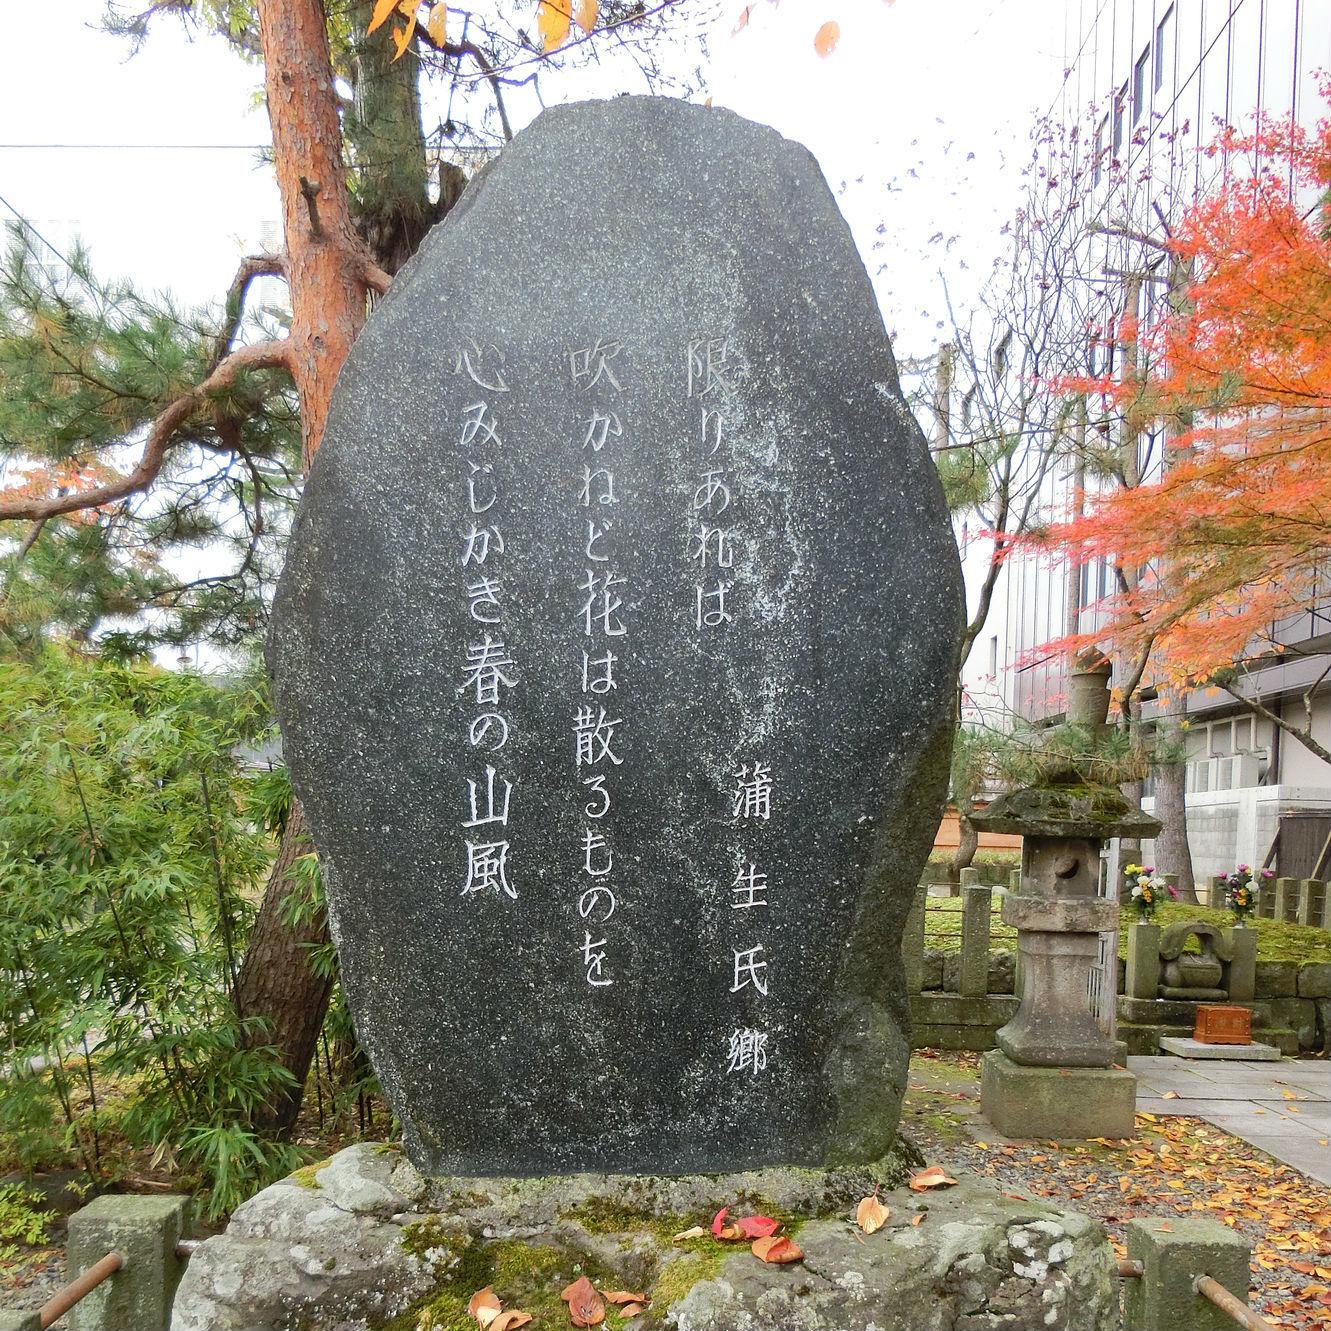 謀略名人・三好長慶イケイケ期からの急死